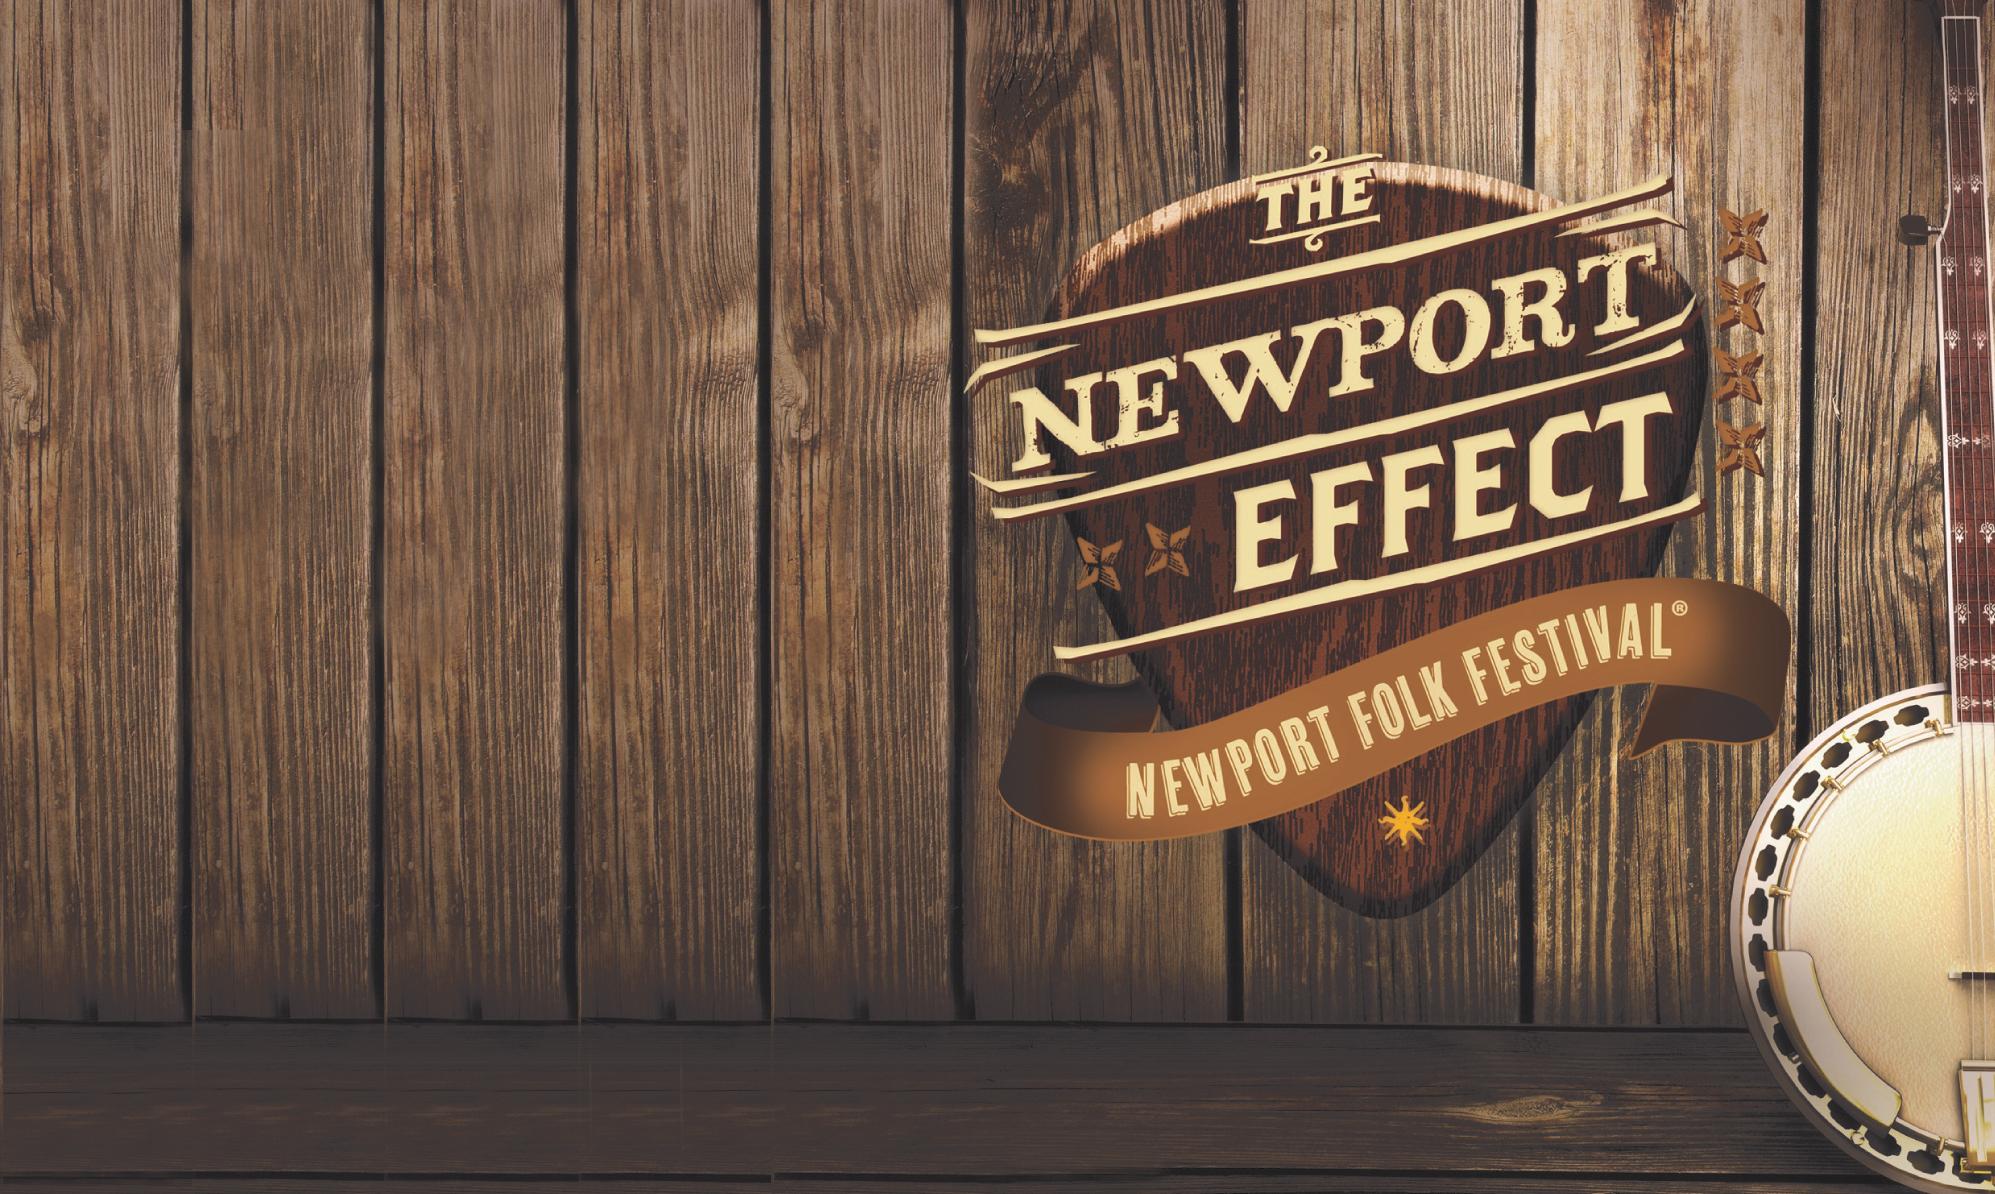 newport_effect_parallax